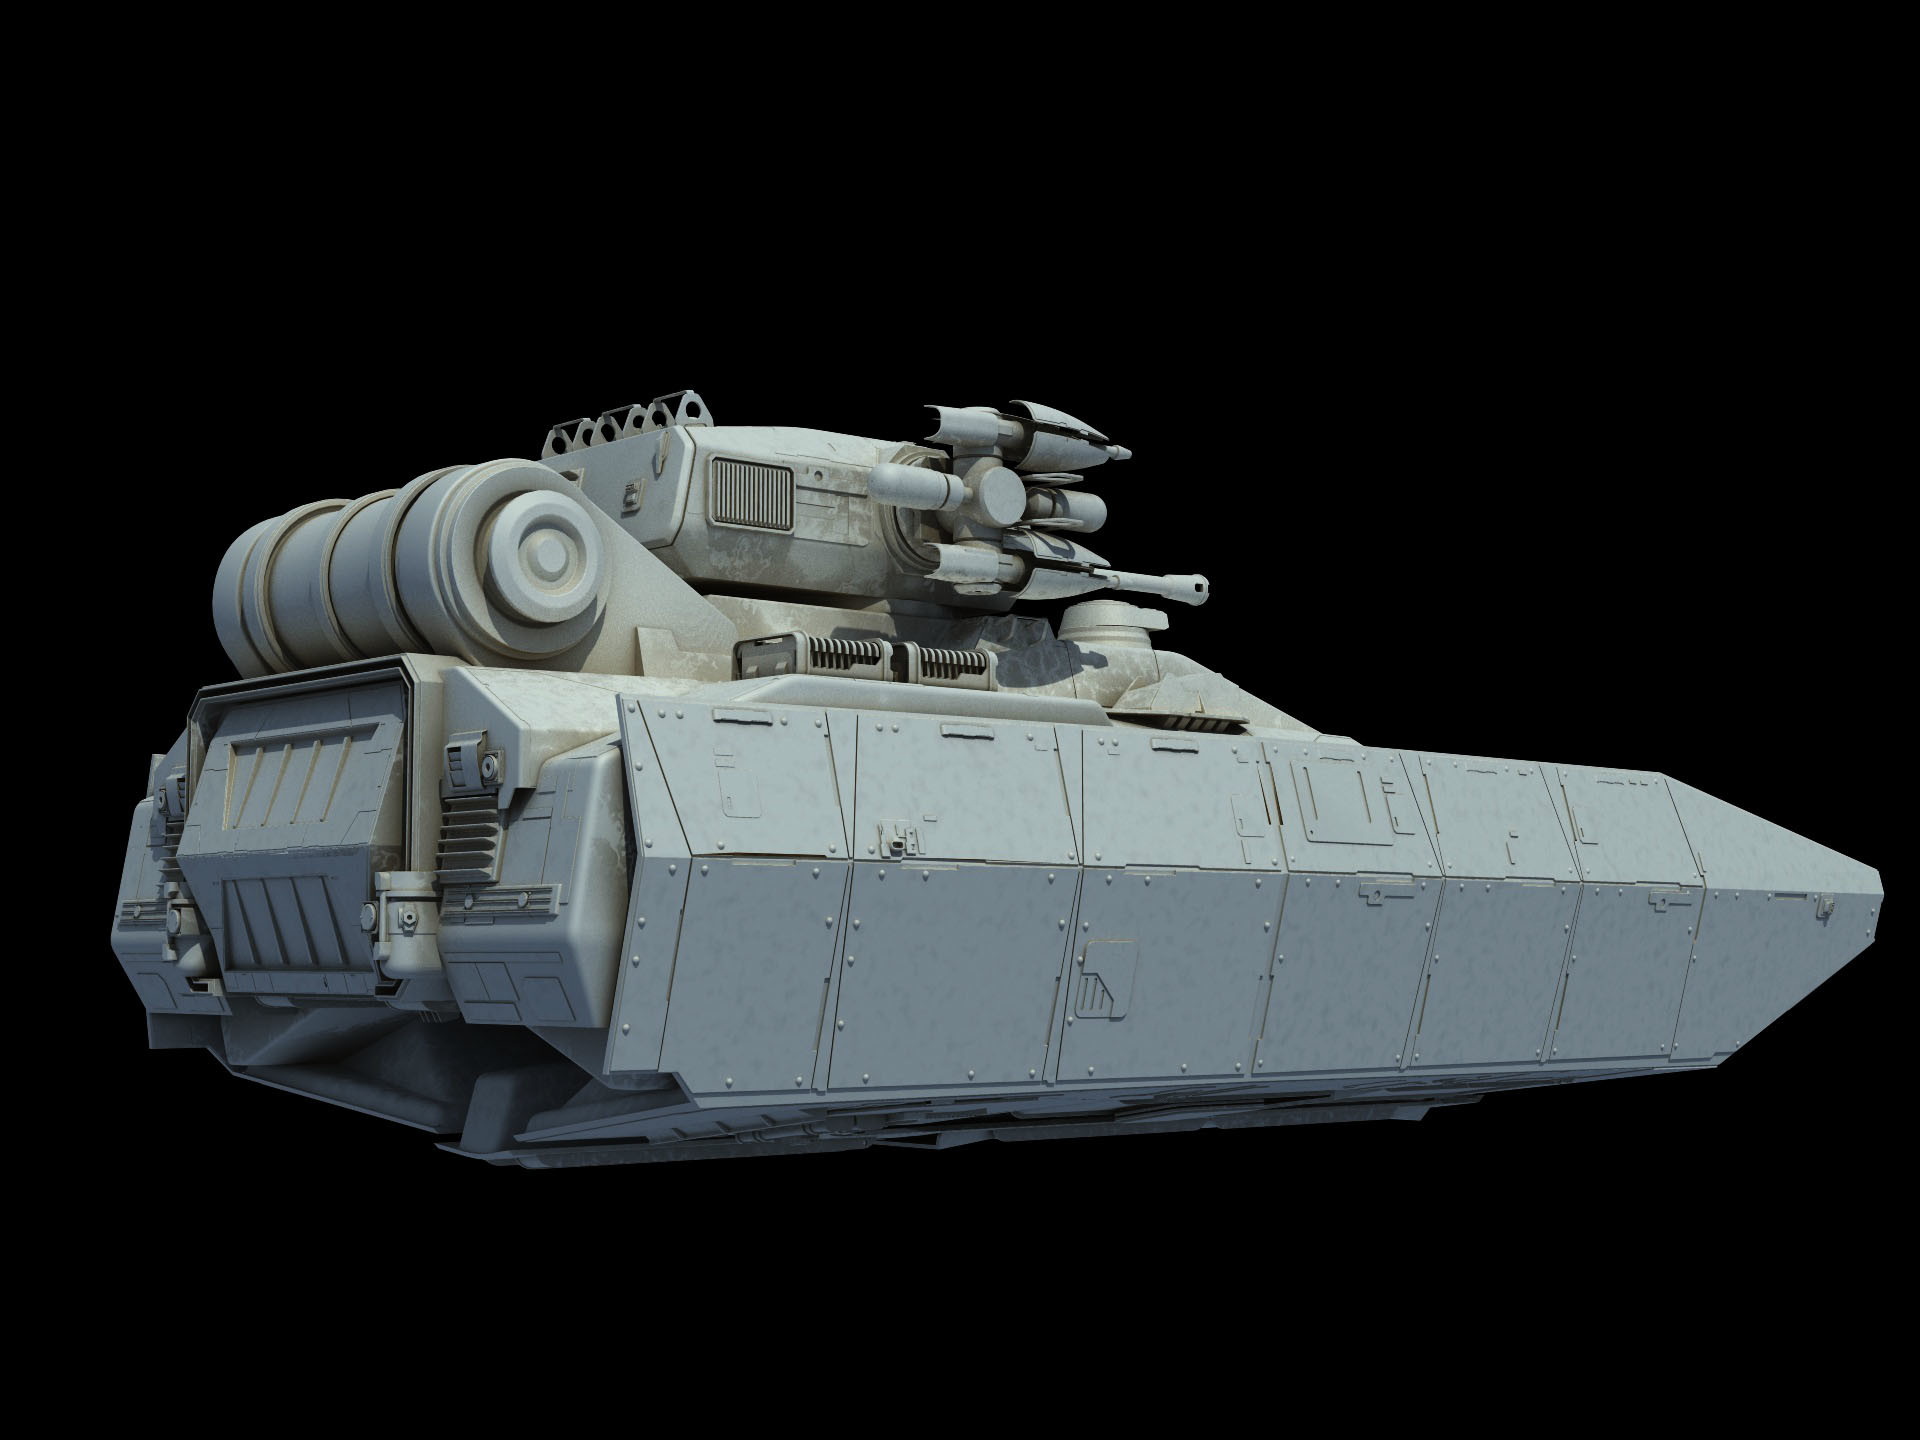 Ansel hsiao tank18